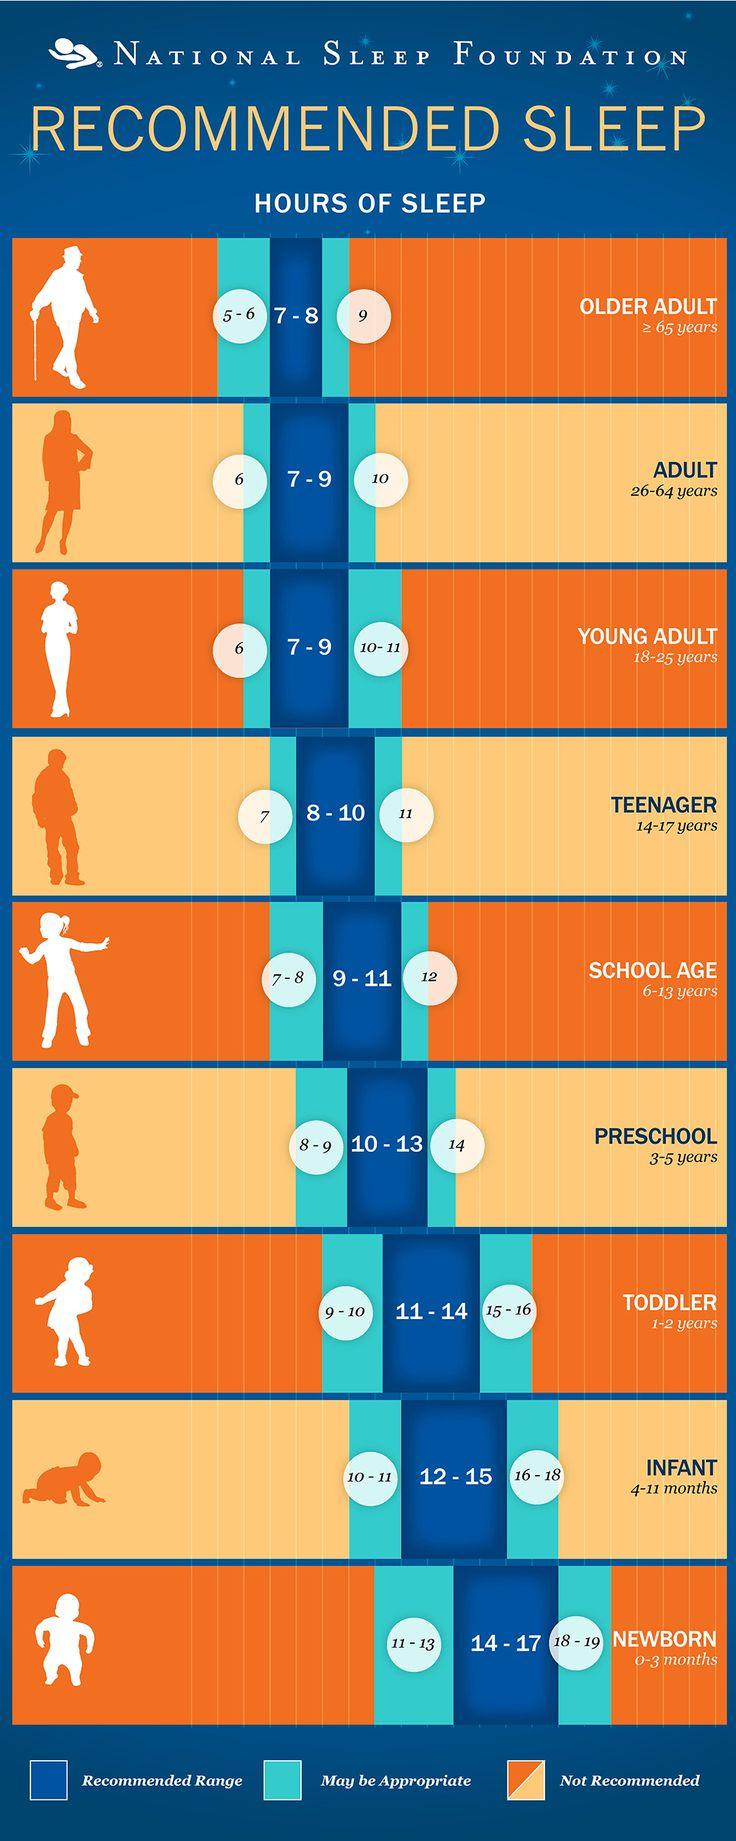 Healthy Sleep Tips - National Sleep Foundation https://sleepfoundation.org/sleep-tools-tips/healthy-sleep-tips